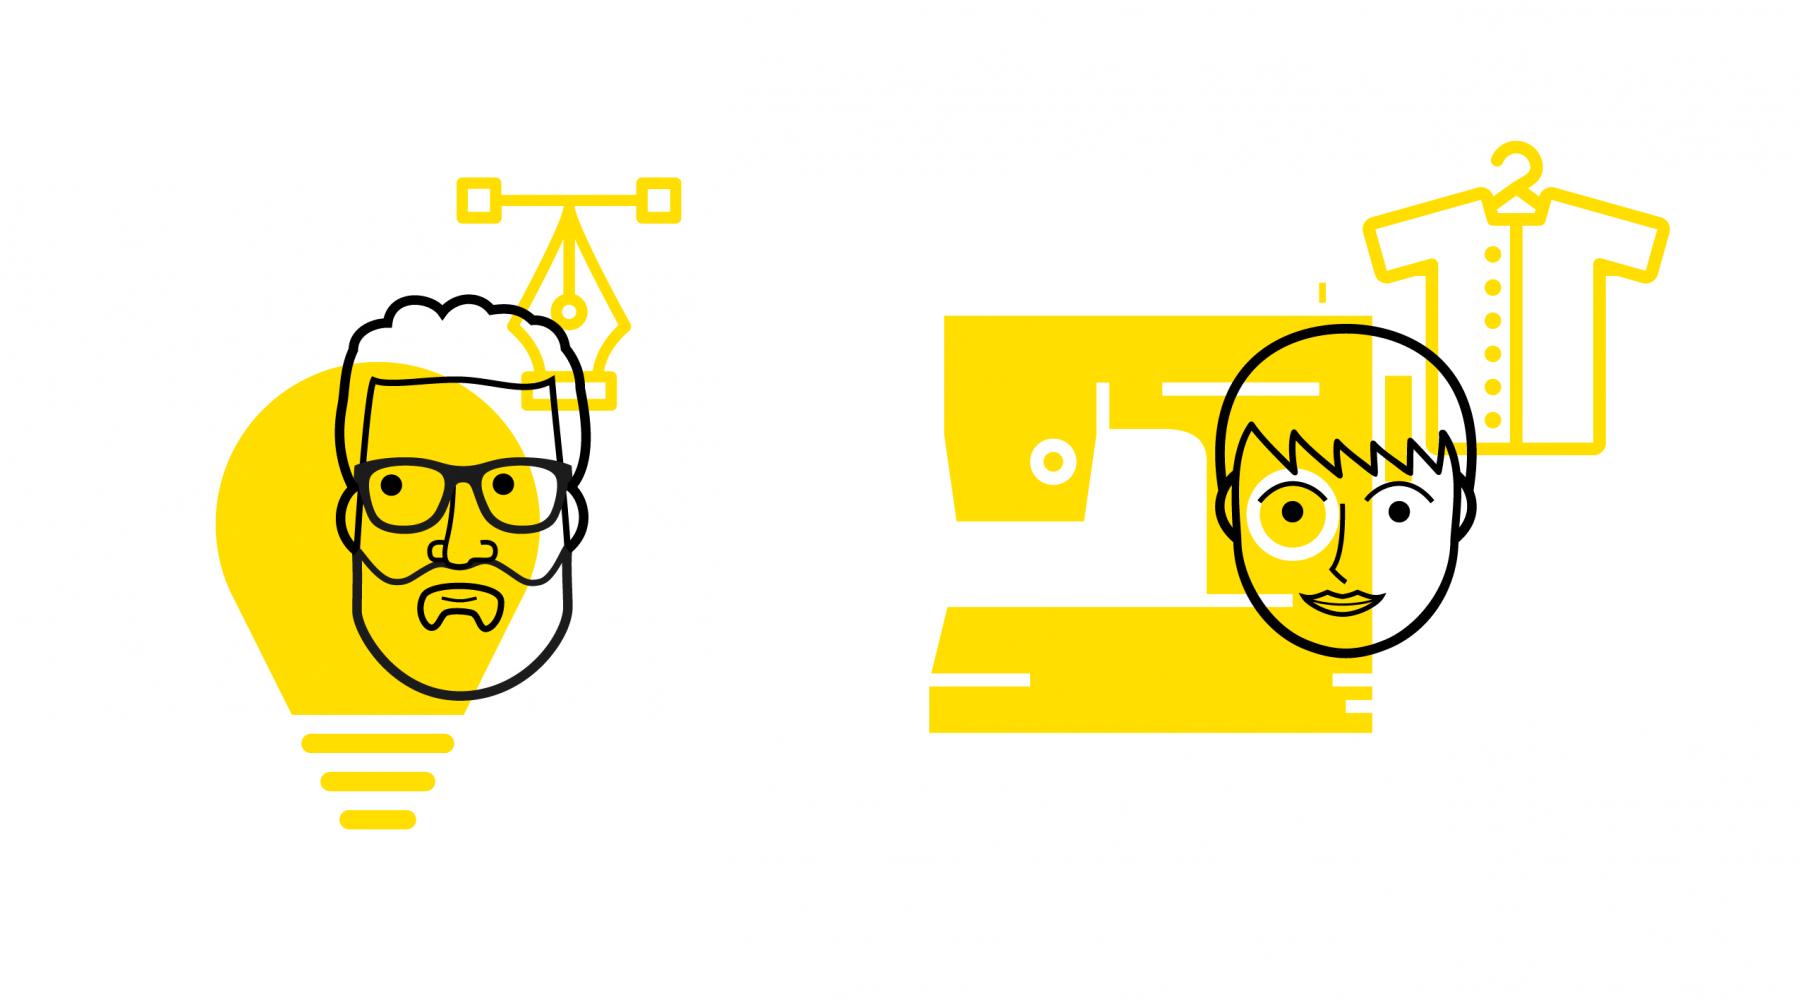 imood - design della comunicazione - portfolio